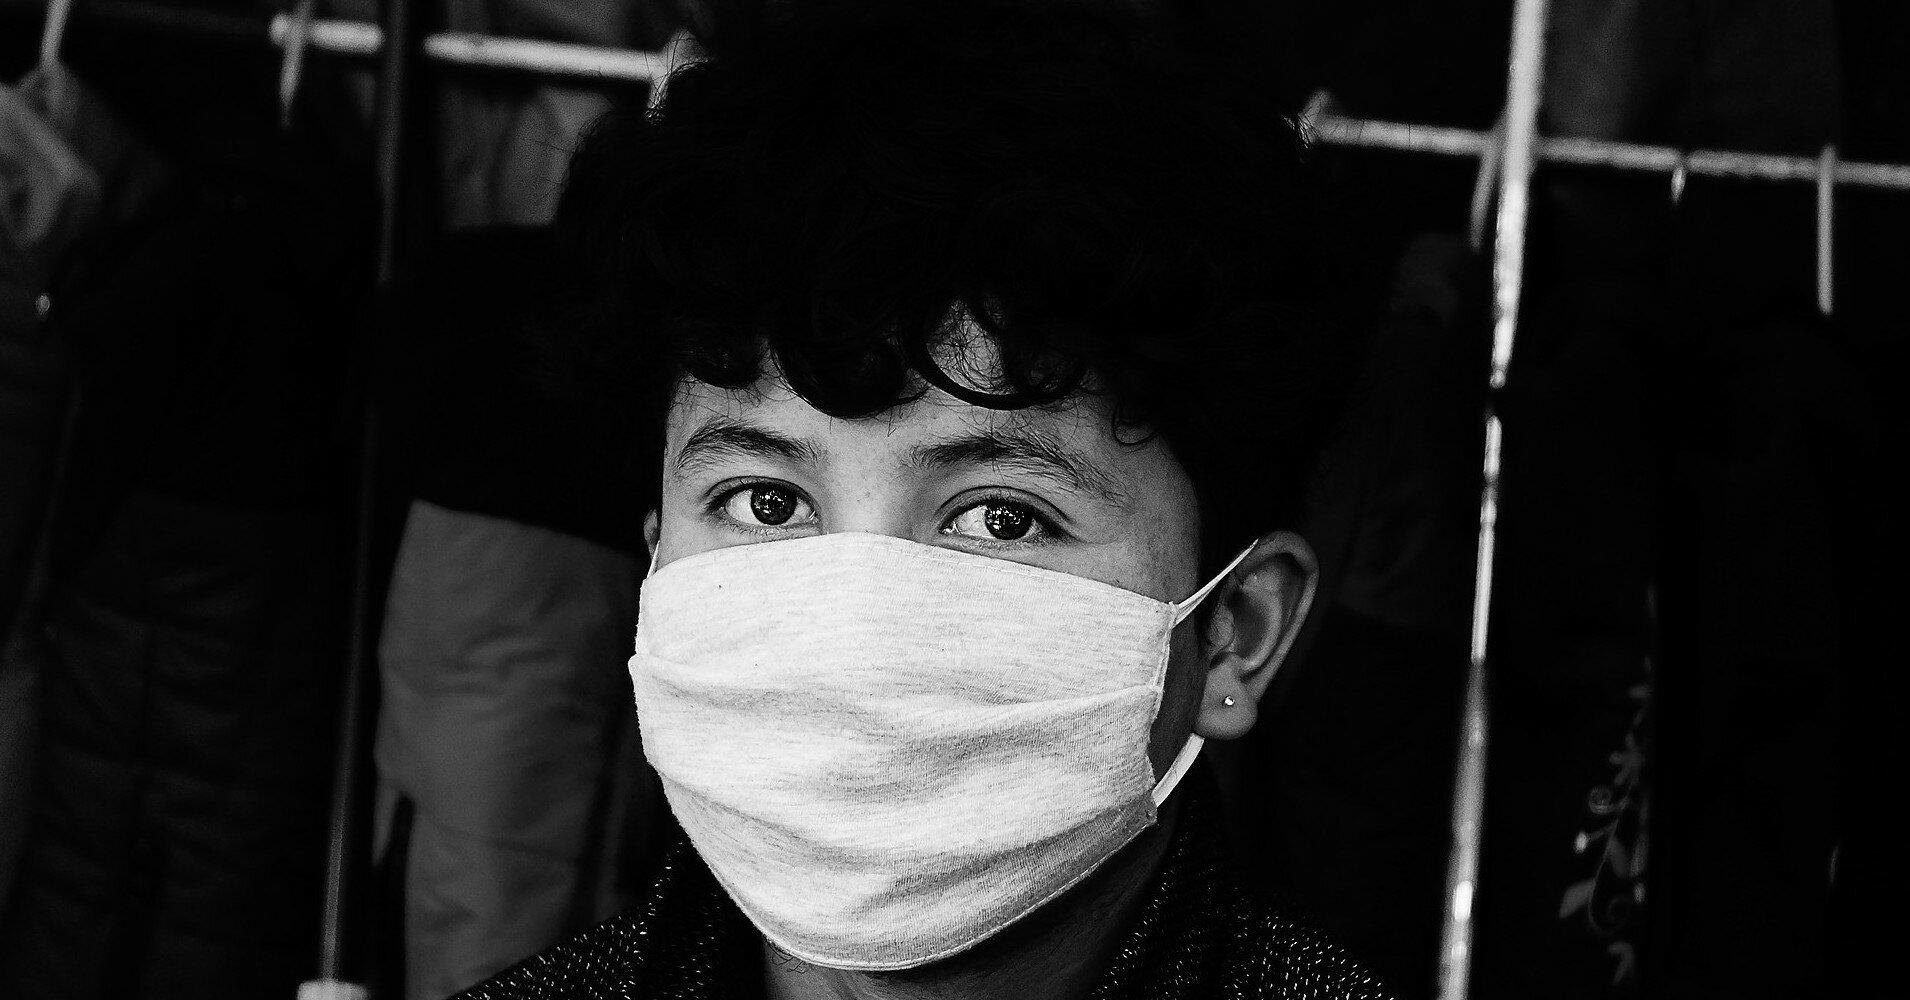 Более полумиллиона китайцев требуют от ВОЗ расследовать утечку из лаборатории в США